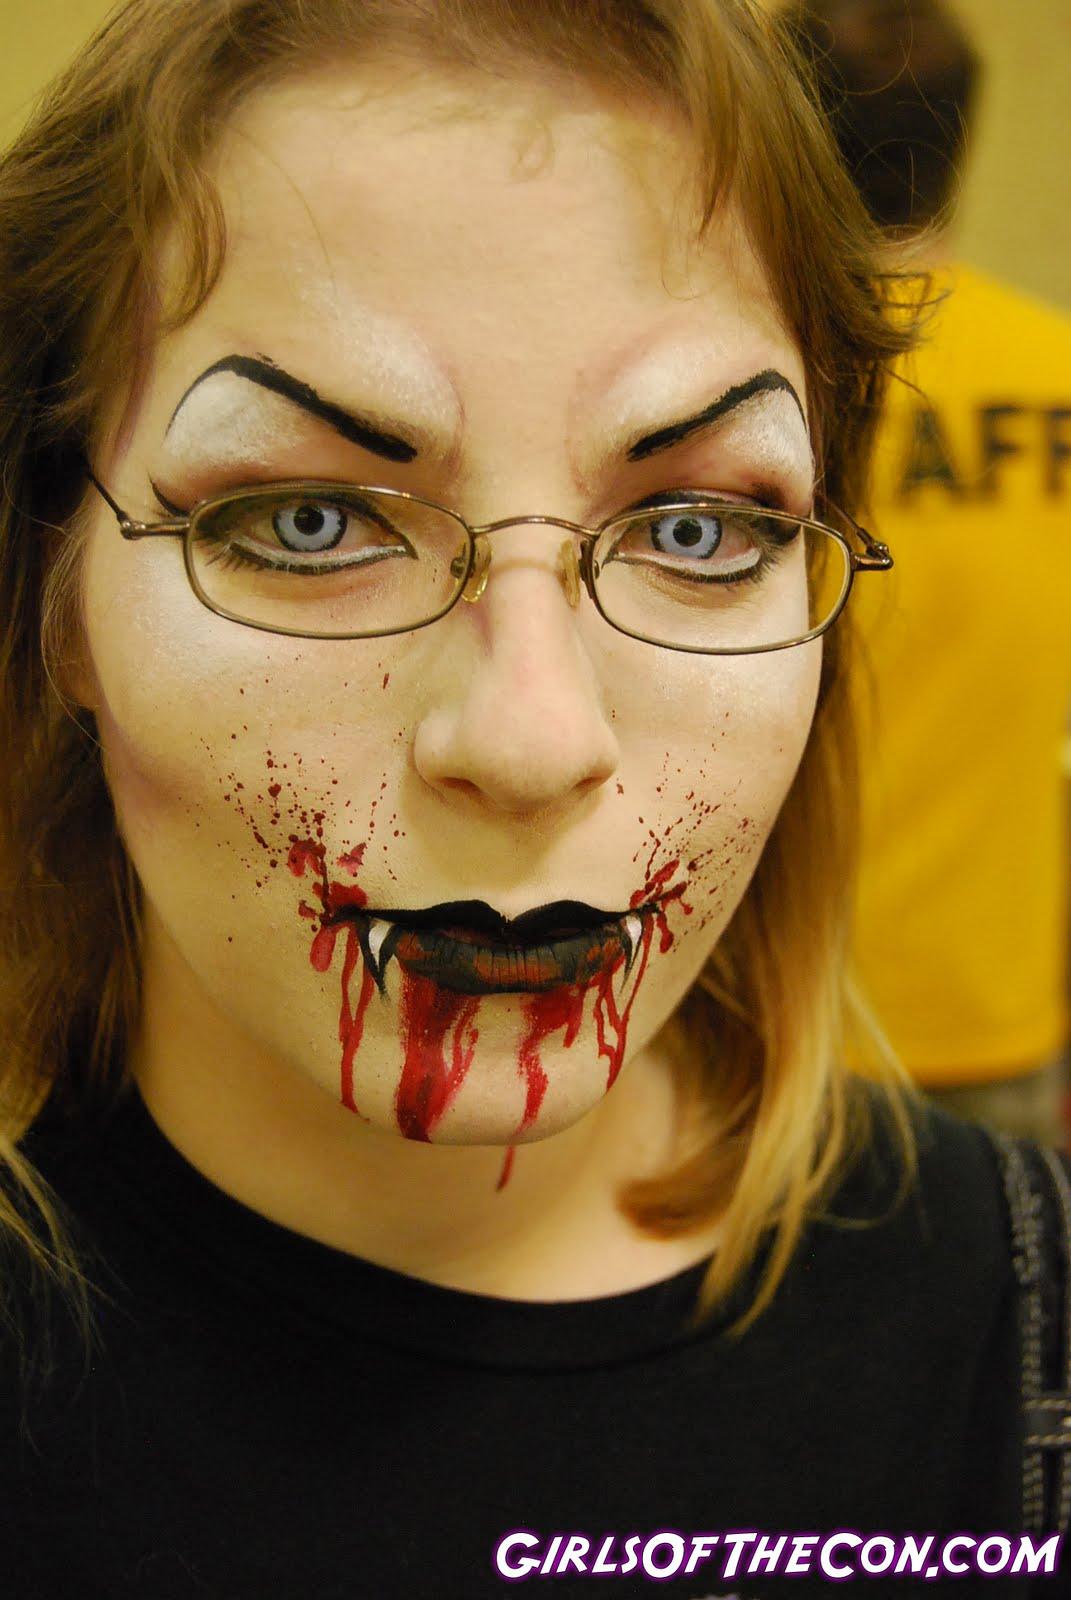 http://2.bp.blogspot.com/-A9XEFOyfTdI/TcEijZ35nfI/AAAAAAAAABQ/JOtDyLc4sbQ/s1600/vampire-makeup-781934.jpg